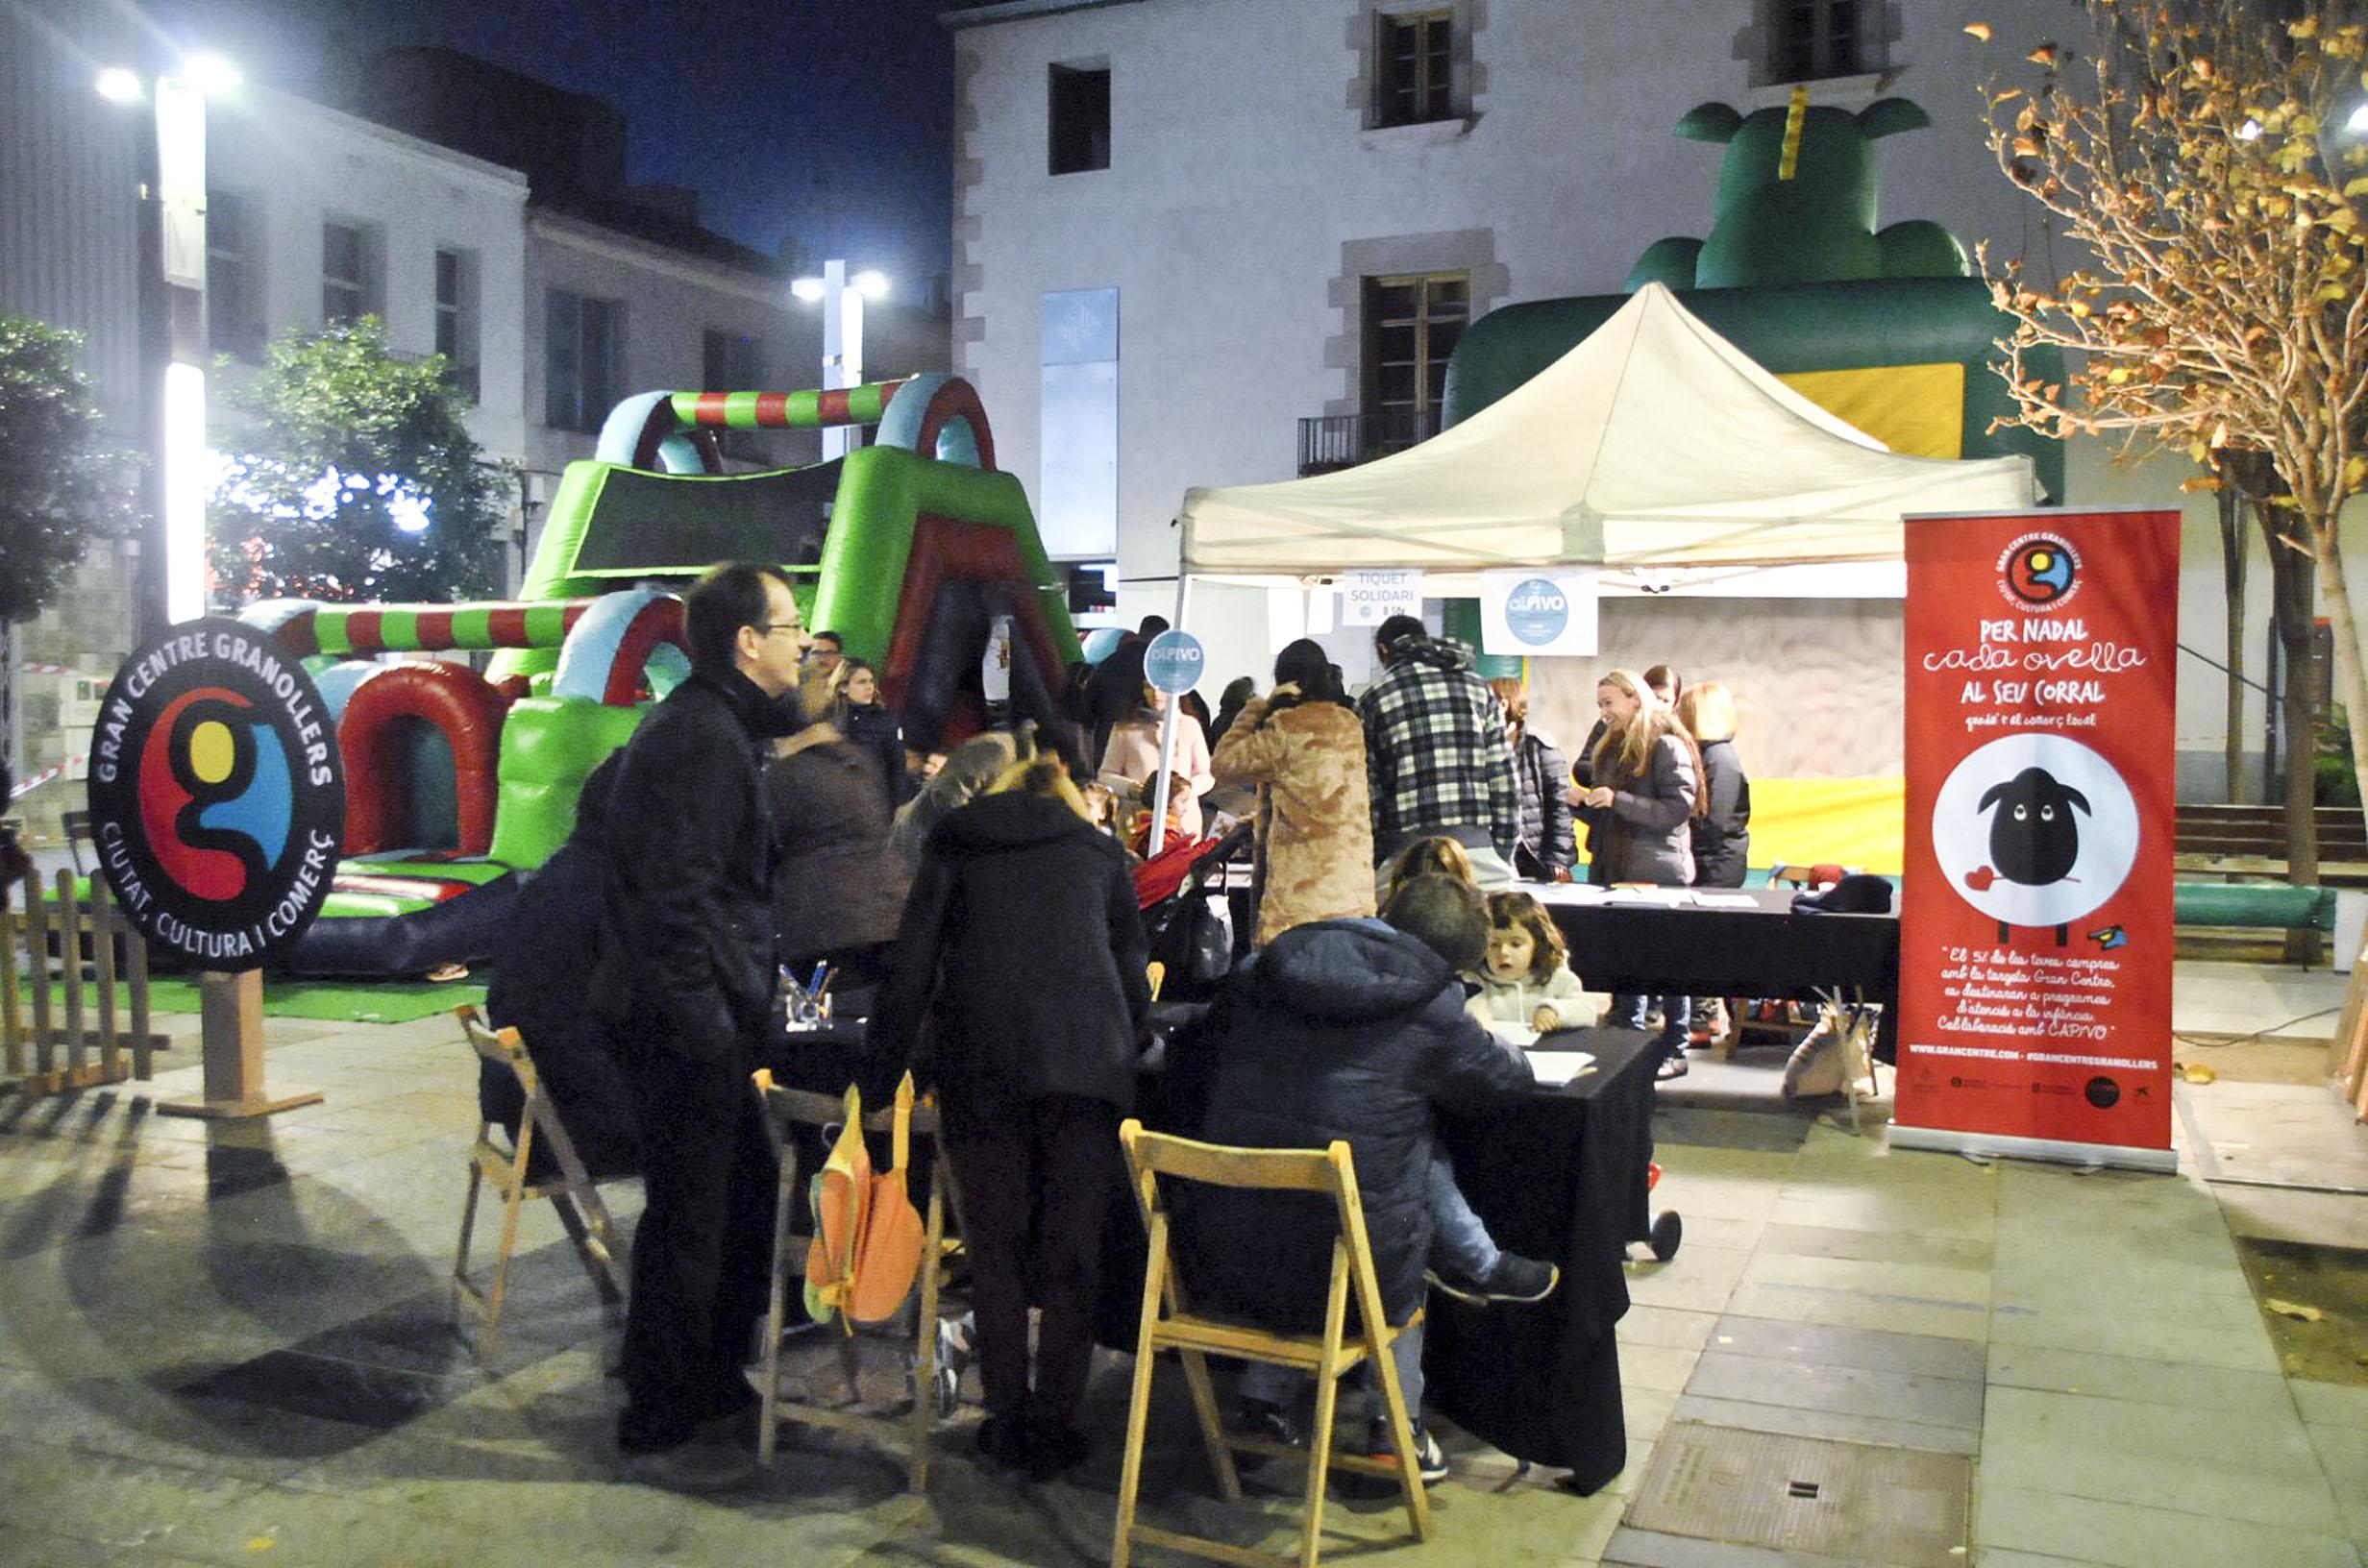 La campanya ha arrencat amb una festa solidària a la plaça Maluquer i Salvador